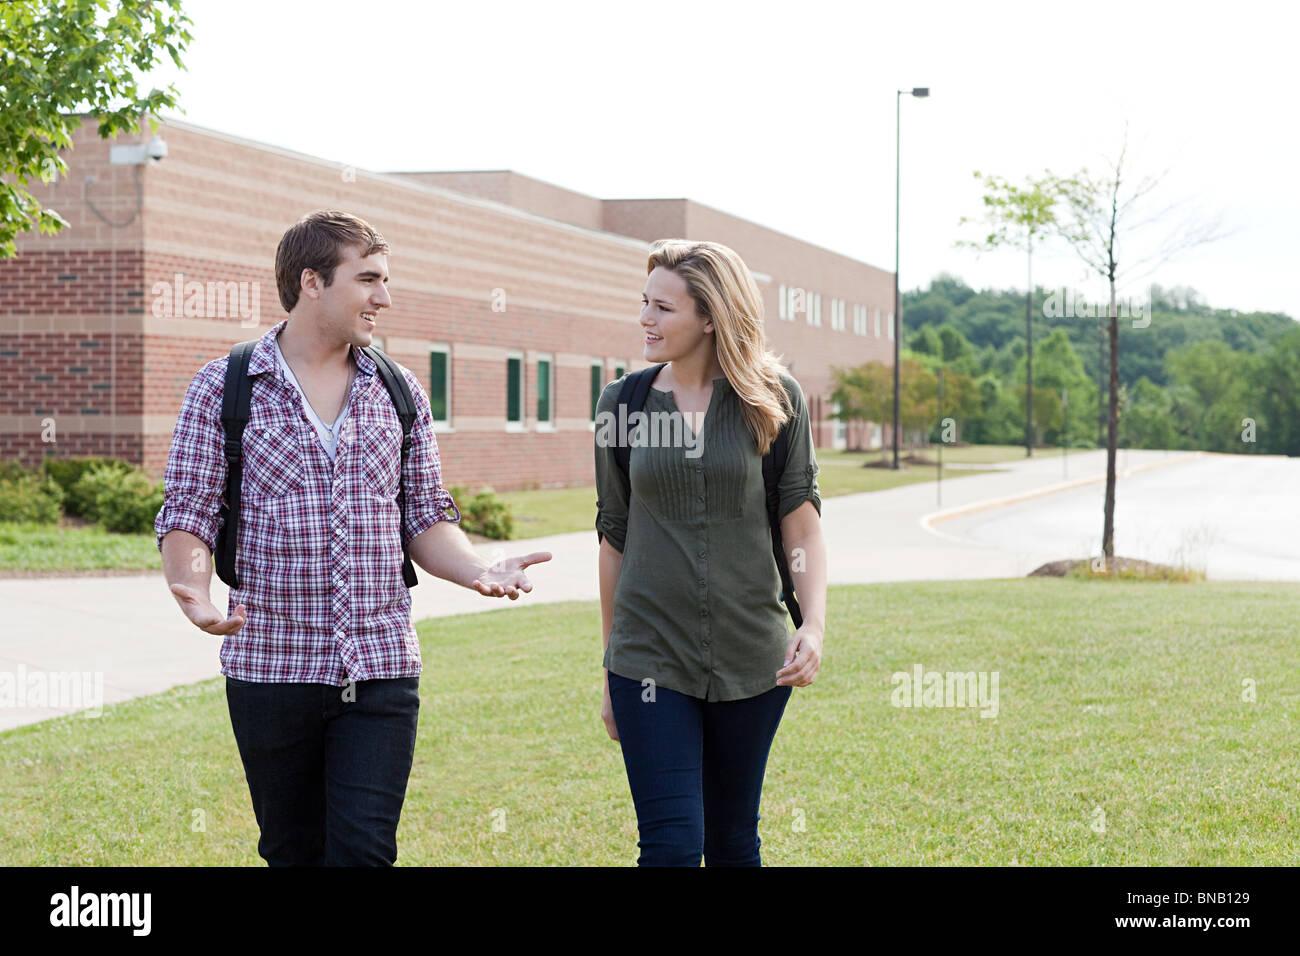 Schülerinnen und Schüler zu Fuß von der Schule Stockfoto